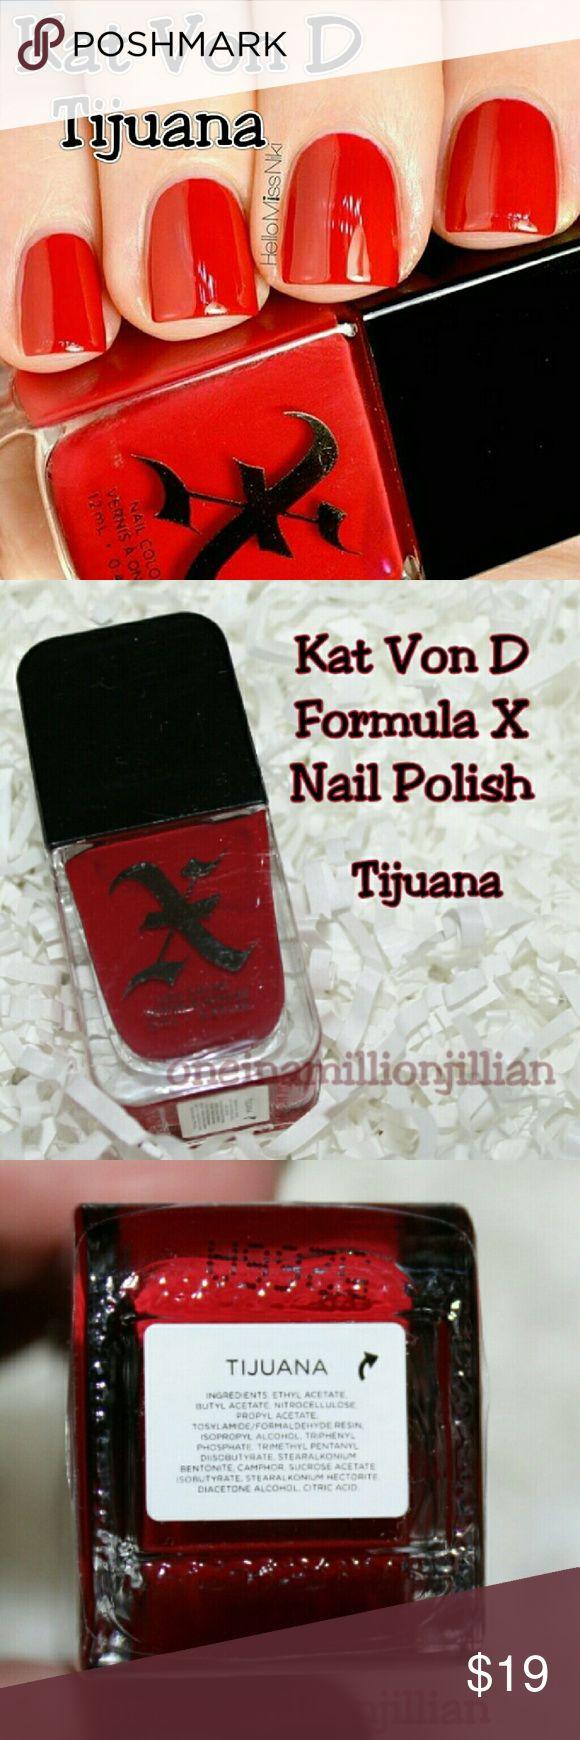 The 358 best Formula X Nail Polish images on Pinterest   Sephora ...